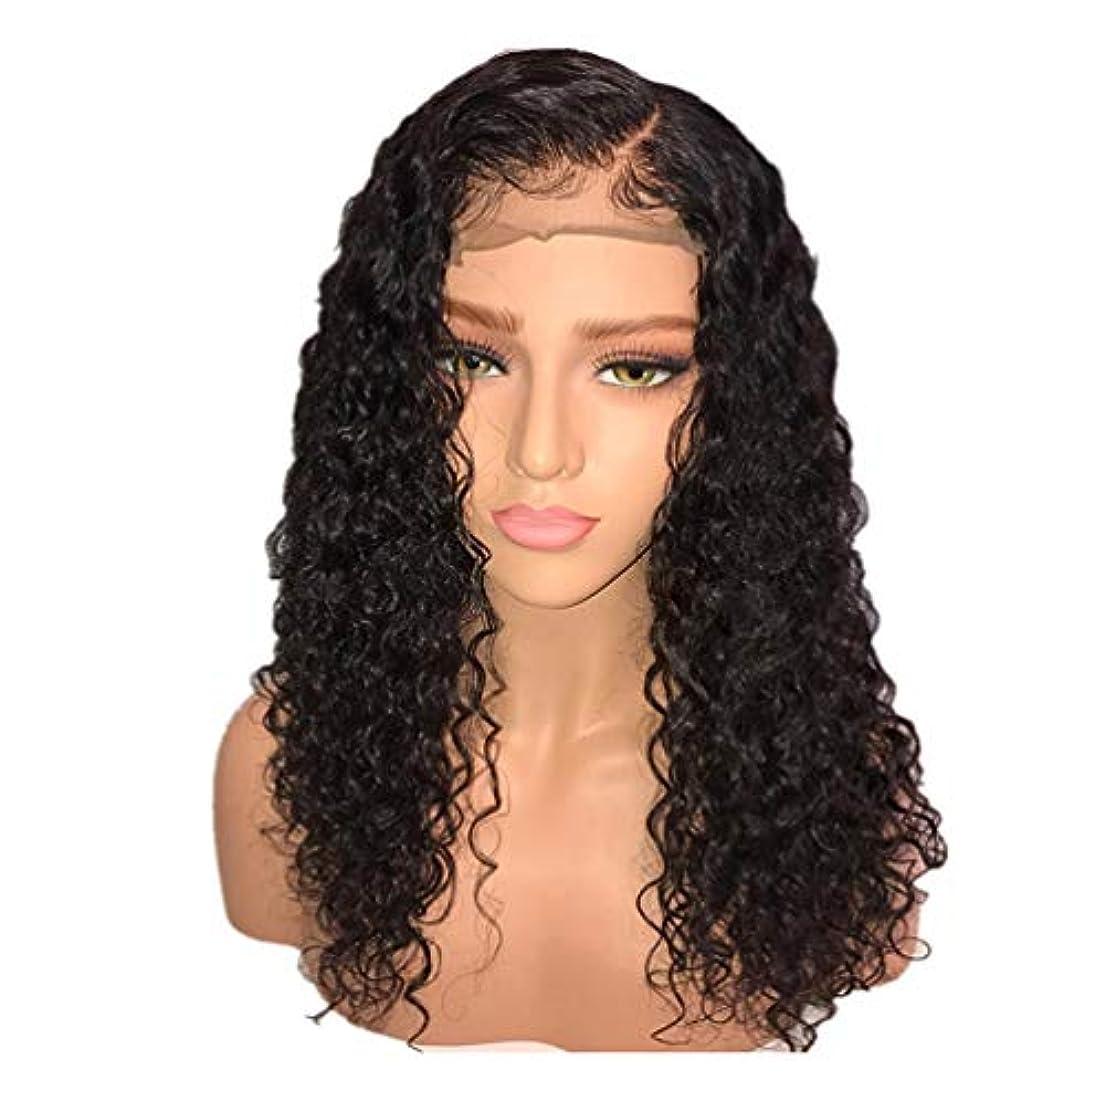 メタリックキャンセルピストルかつら女性150%密度ブラジルロングヘアウィッグナチュラルウェーブカーリーレースフロントかつらベビーヘア付き